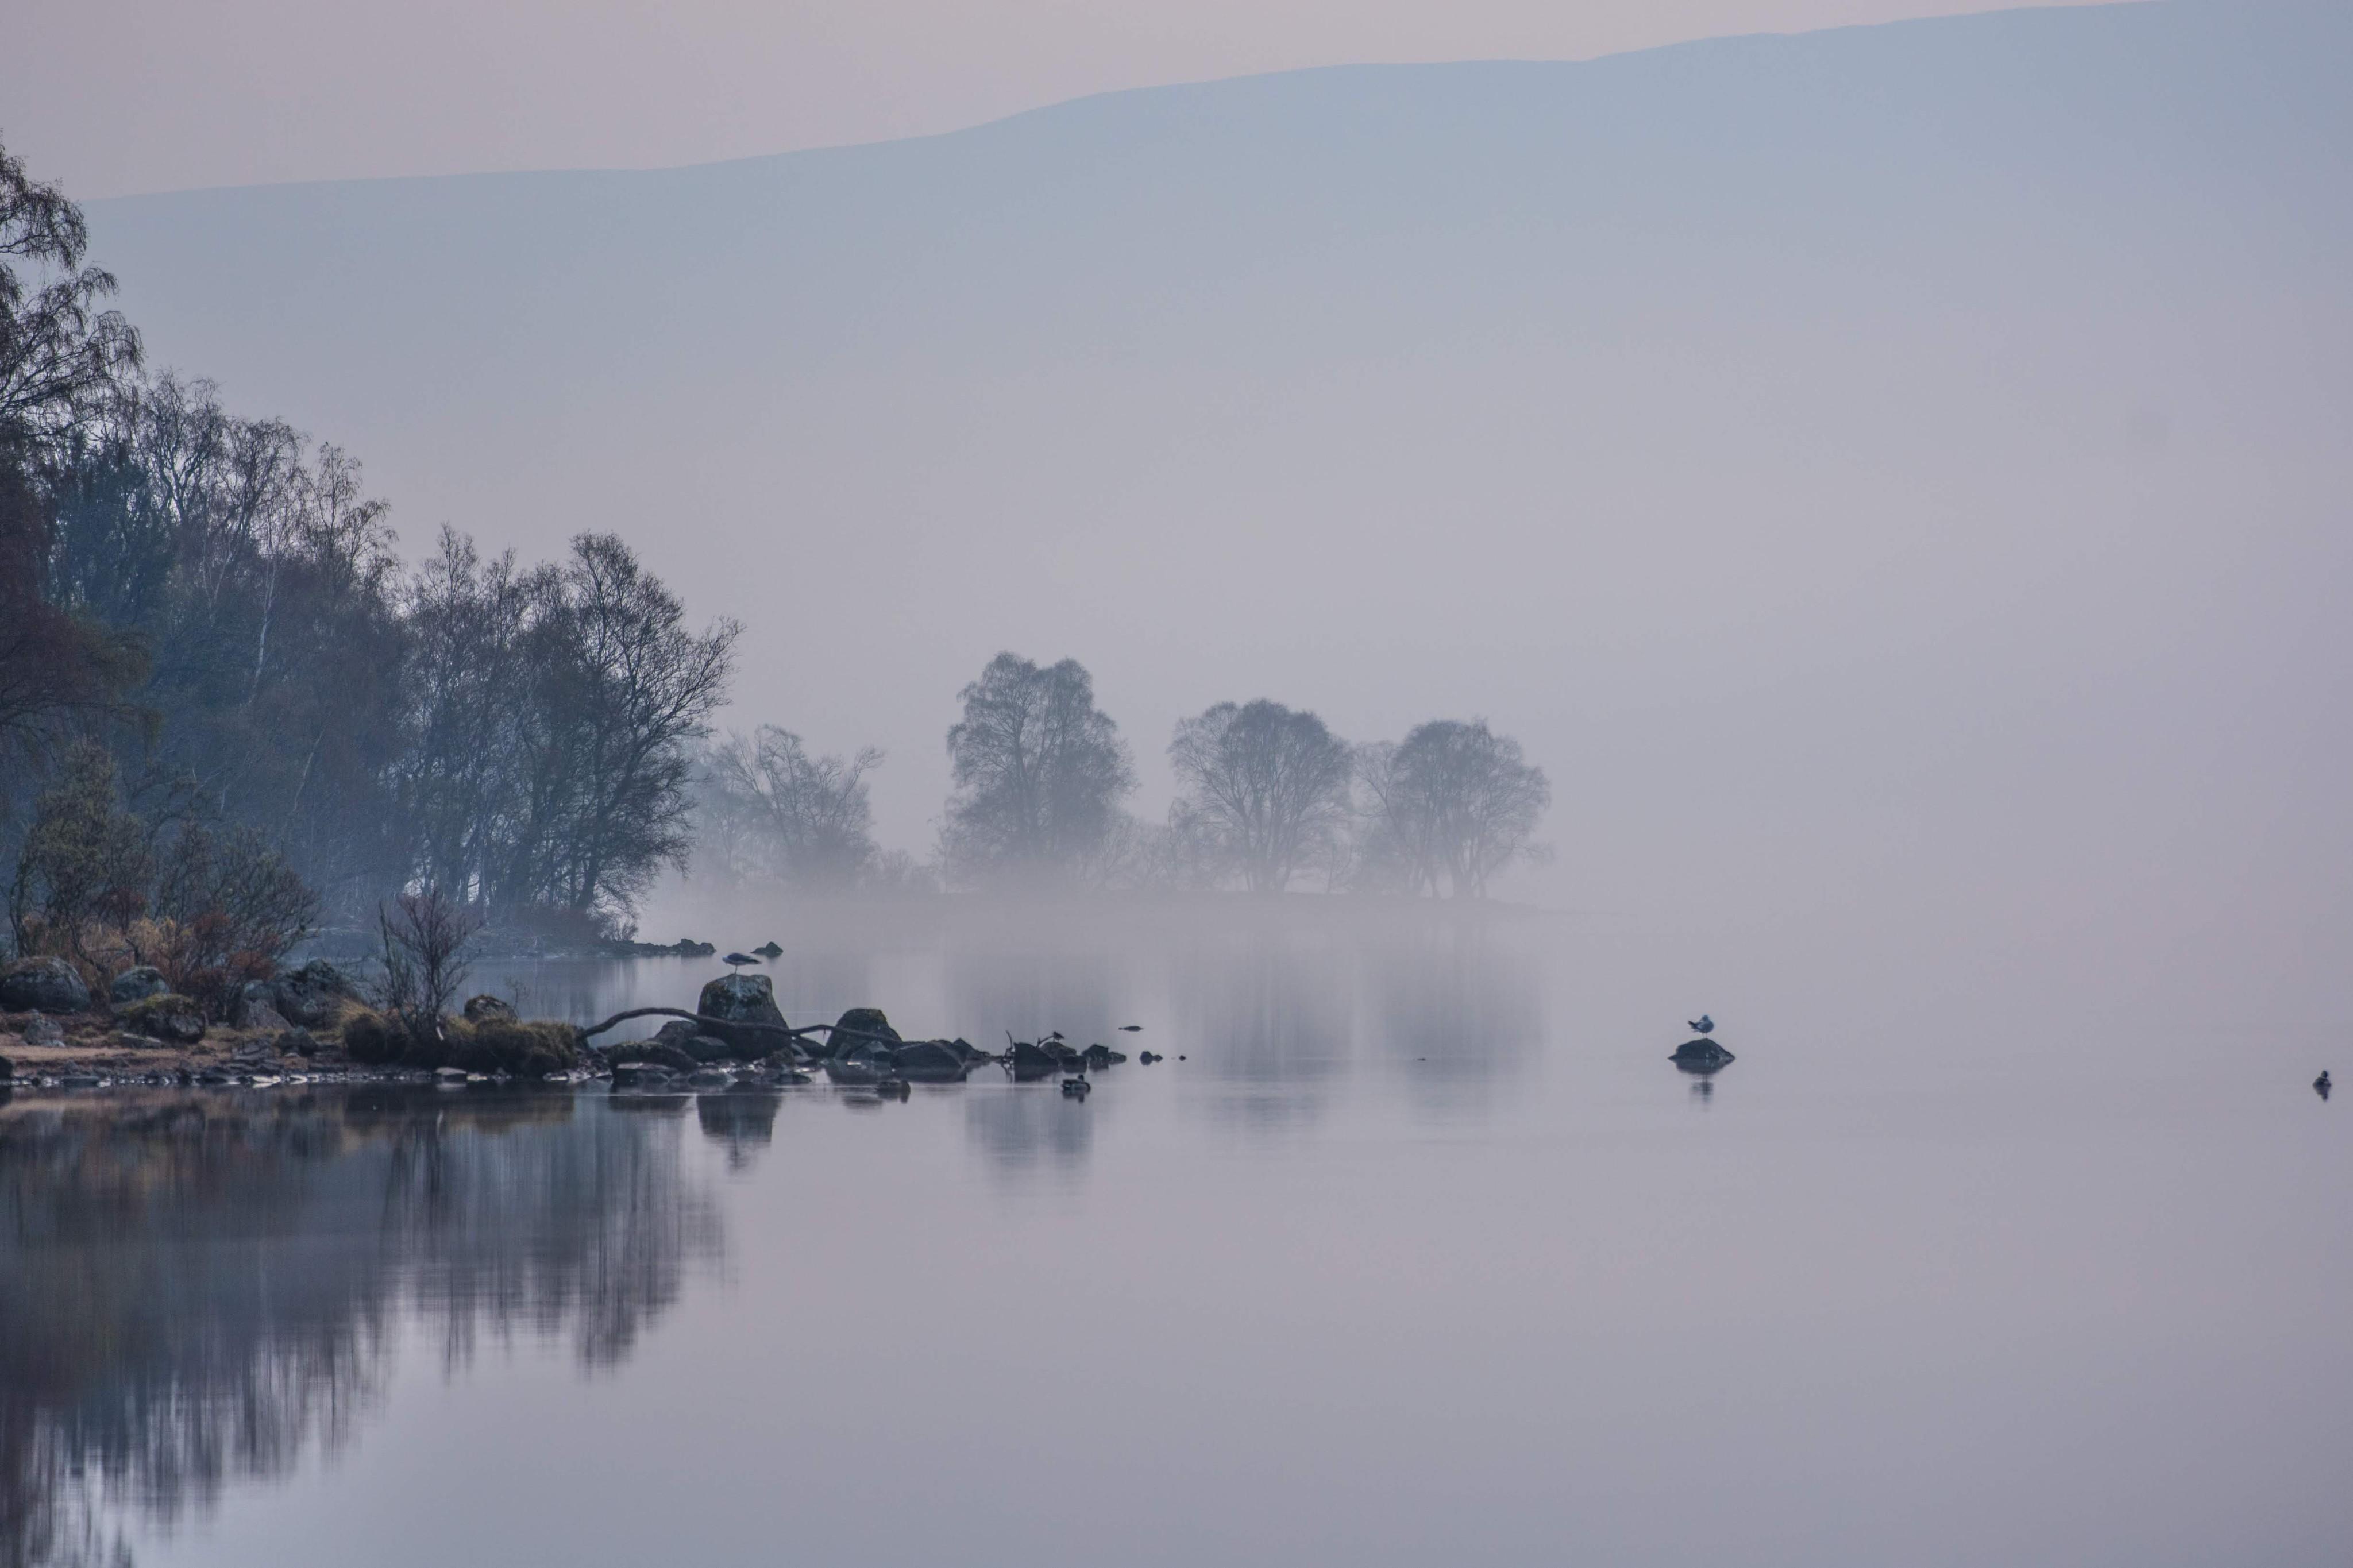 Morning Mist on Rannoch Loch